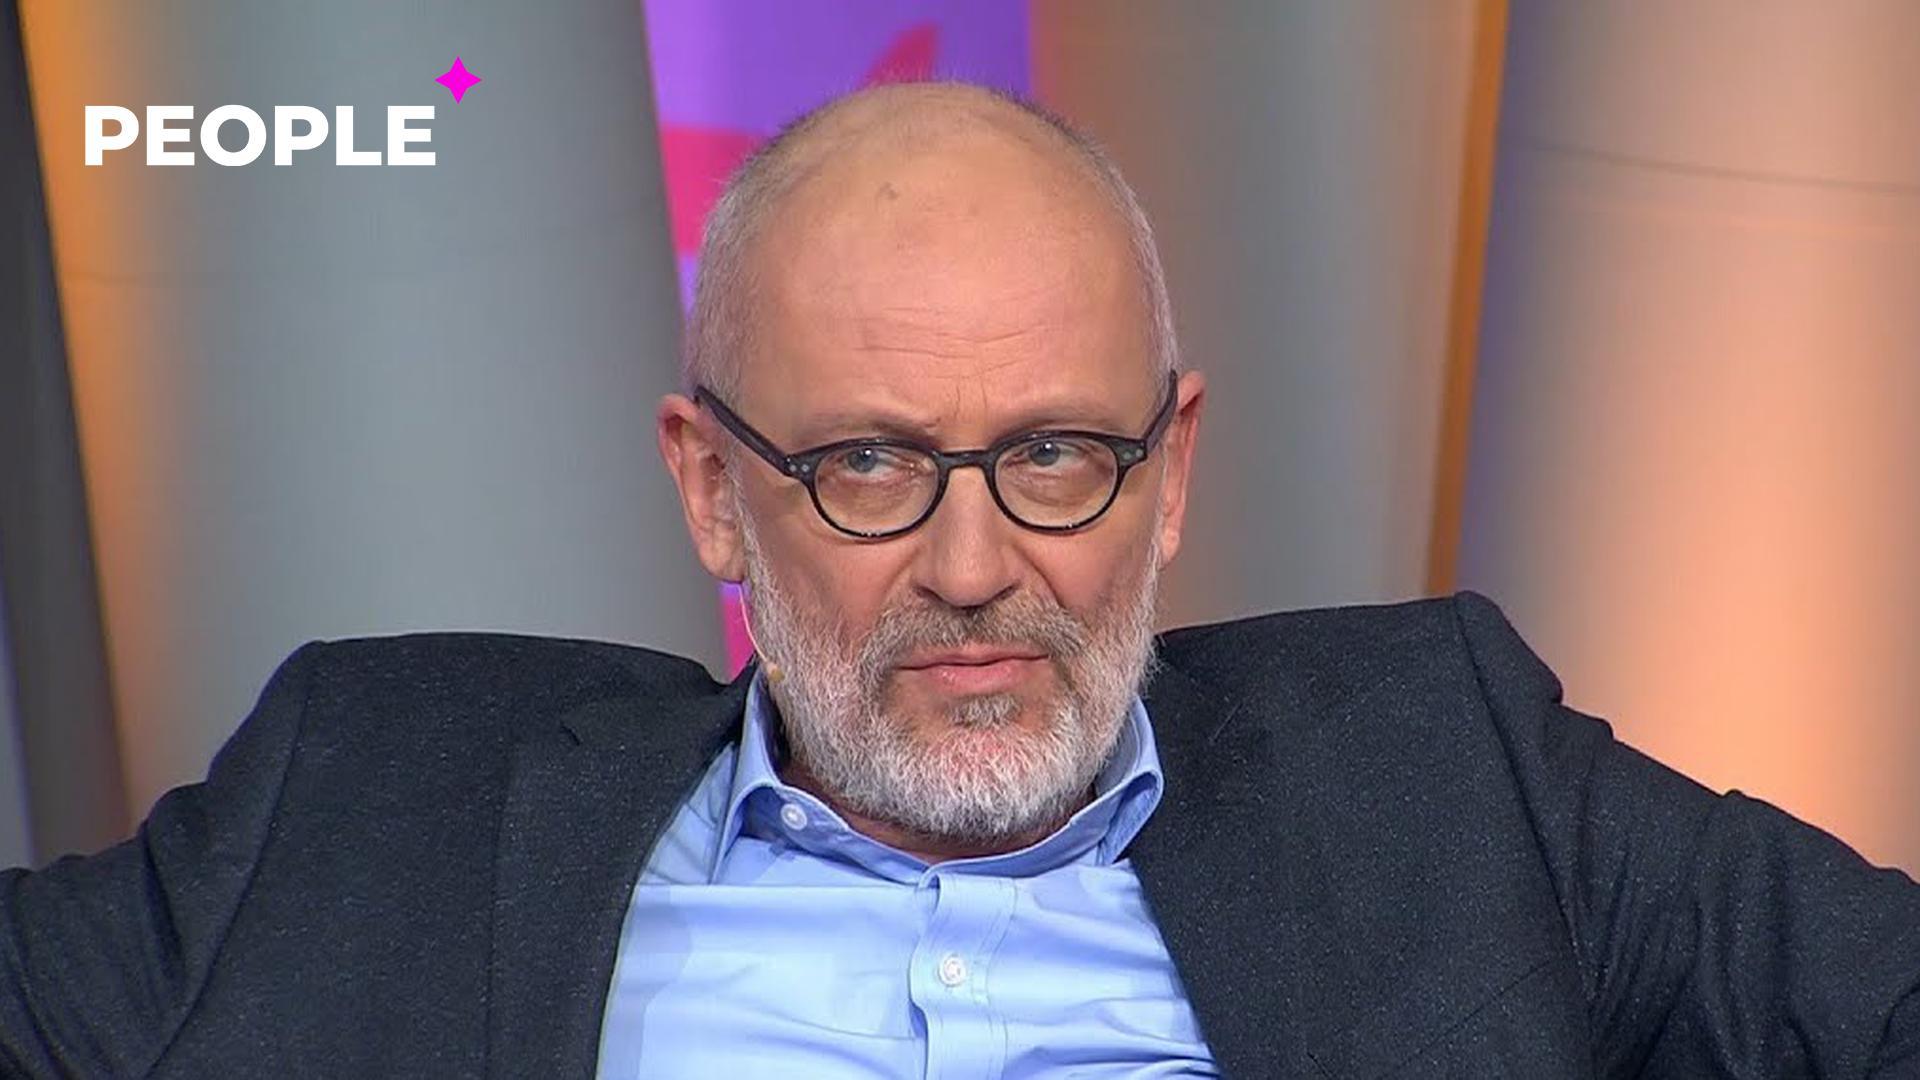 Телеведущий «Первого канала» признался, что выходит в эфир своего шоу пьяным